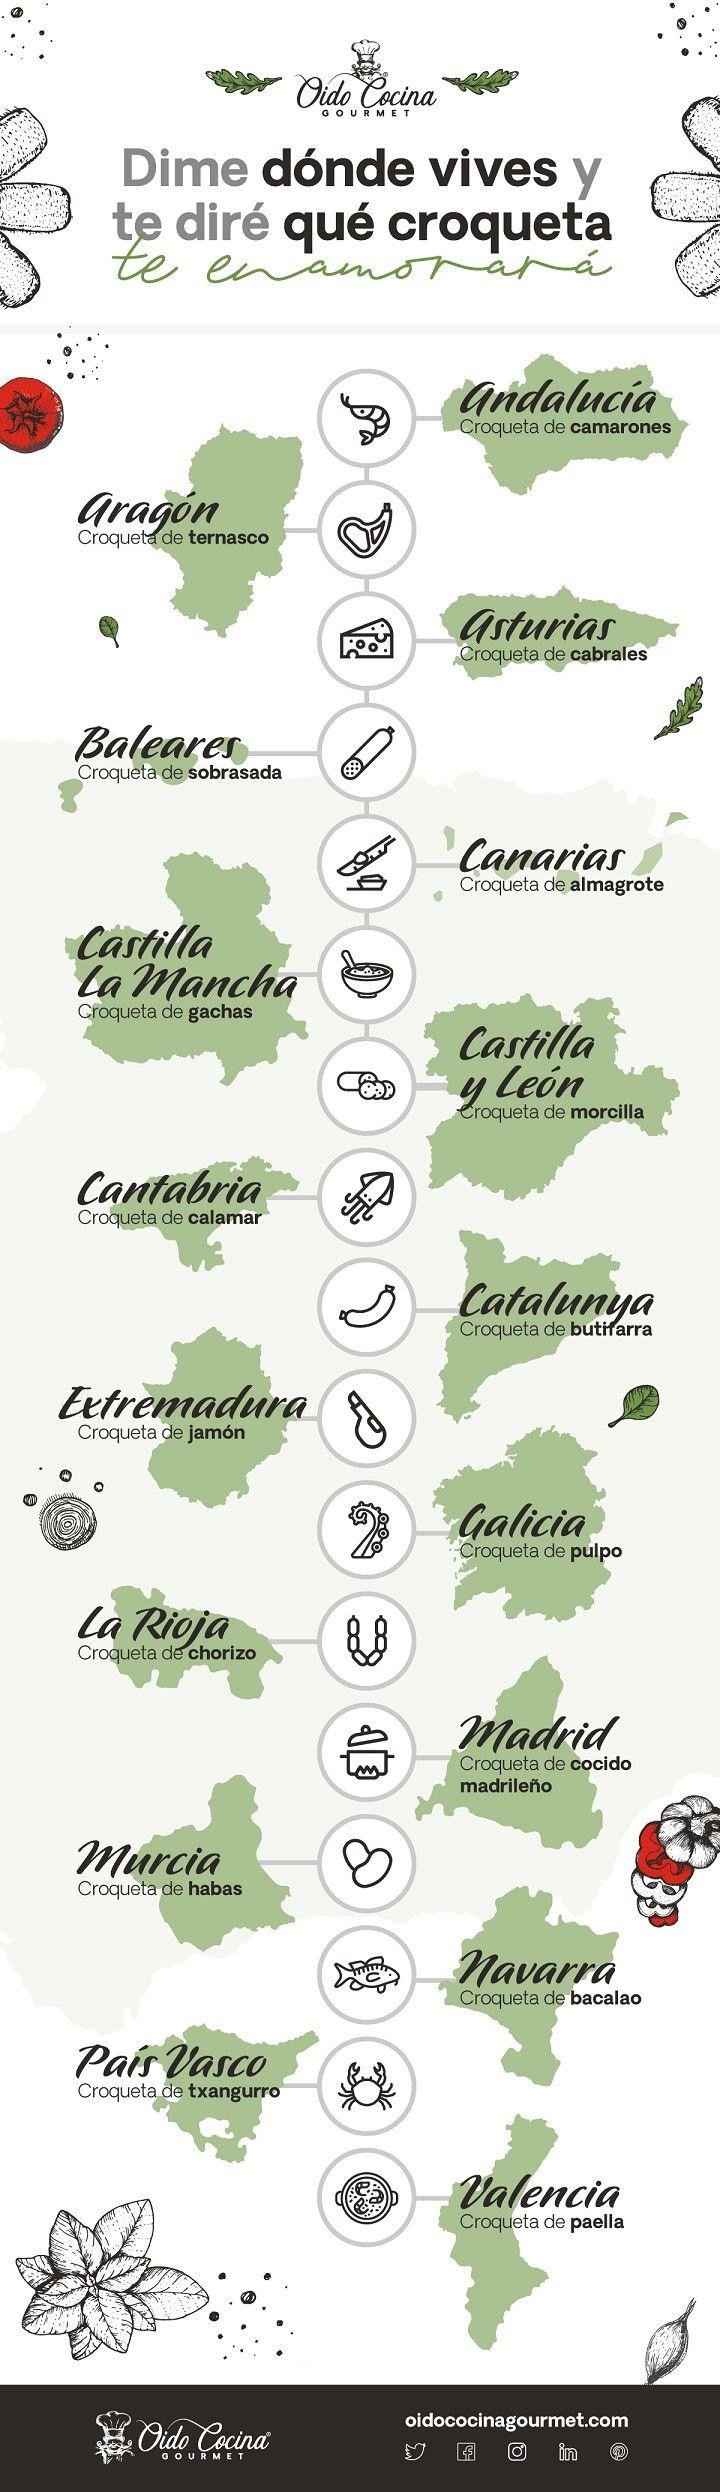 Oído Cocina Gourmet realiza un viaje gastronómico para conocer las croquetas que enamoran en cada Comunidad